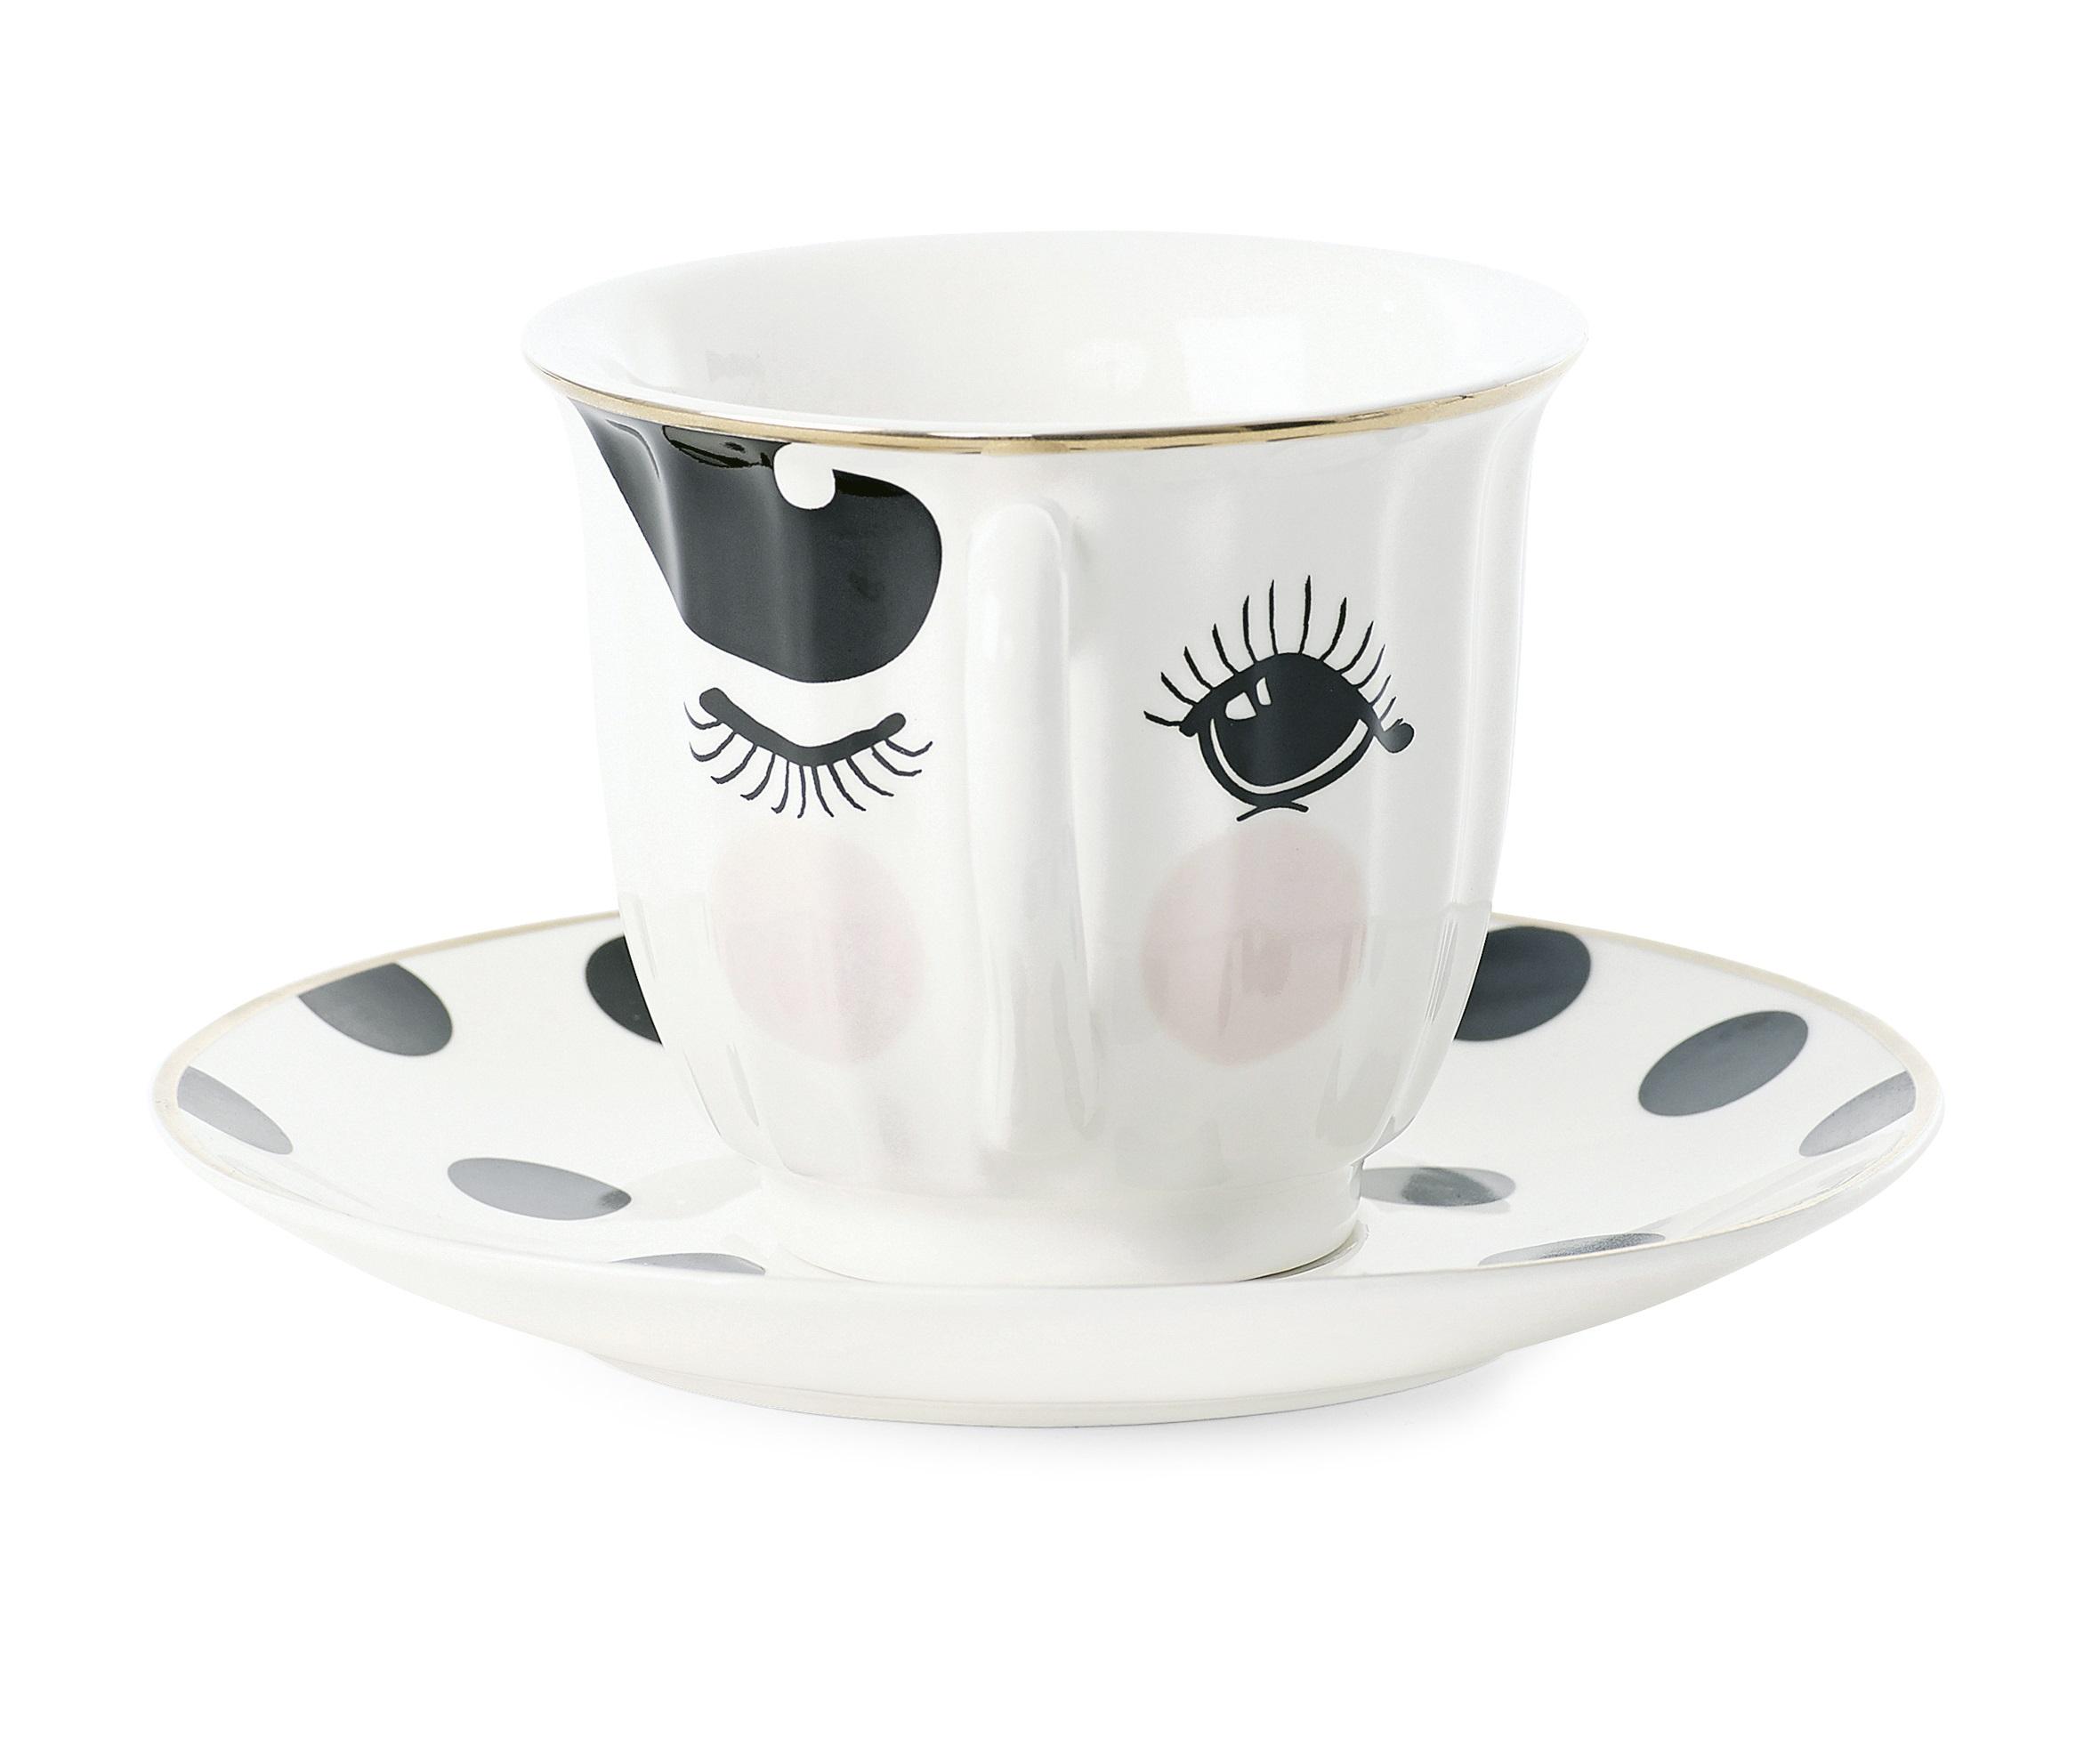 Кофейная параЧайные пары и чашки<br>Кофейная пара Miss Etoile – изысканный и желанный подарок для любителей кофе. Как известно, чтобы утро было бодрым и добрым, надо начинать его с крепкого и ароматного напитка. С кофейной парой Miss Etoile утренний ритуал станет не только вкусным, но и приятным. Набор состоит из чашечки и блюдца, они идеально подойдут как для дома, так и для офиса.&amp;amp;nbsp;&amp;lt;div&amp;gt;&amp;lt;br&amp;gt;&amp;lt;/div&amp;gt;&amp;lt;div&amp;gt;Объем 150 мл.&amp;lt;/div&amp;gt;<br><br>Material: Керамика<br>Length см: None<br>Width см: None<br>Depth см: None<br>Height см: 9<br>Diameter см: 13.5